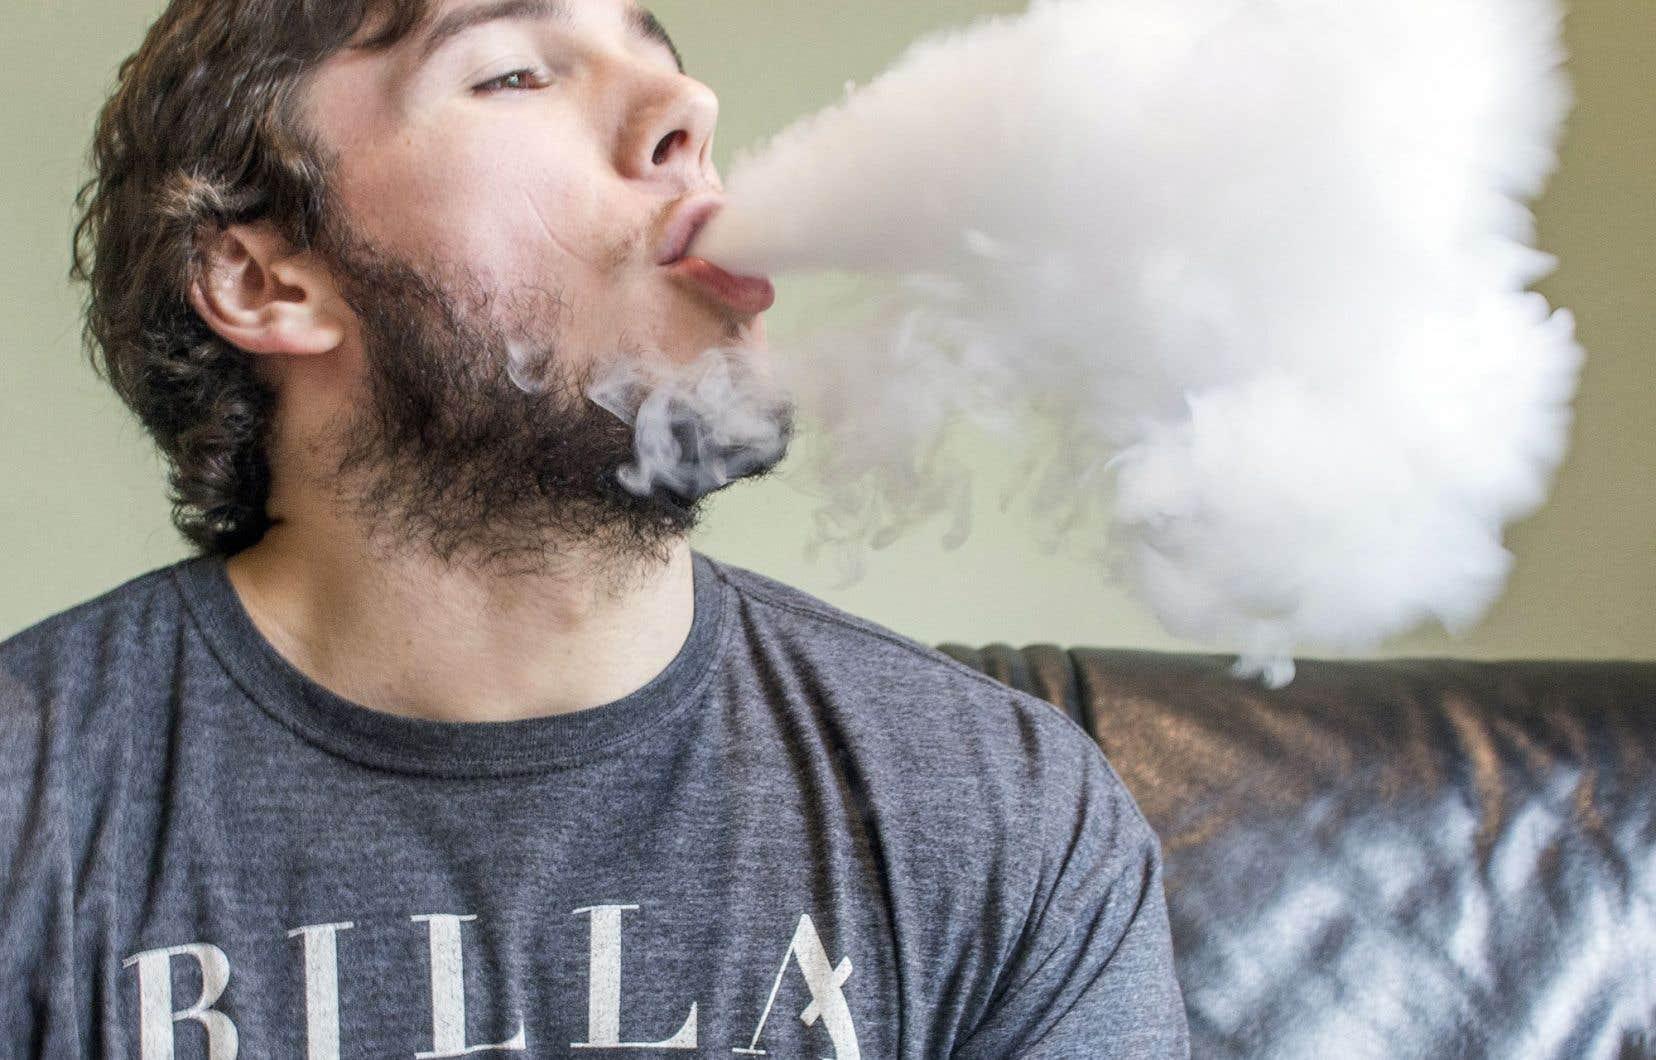 Santé Canada estime que les cigarettes électroniques se qualifient comme des «drogues» et doivent, pour être autorisées, se soumettre au long processus d'homologation prévu pour les médicaments.